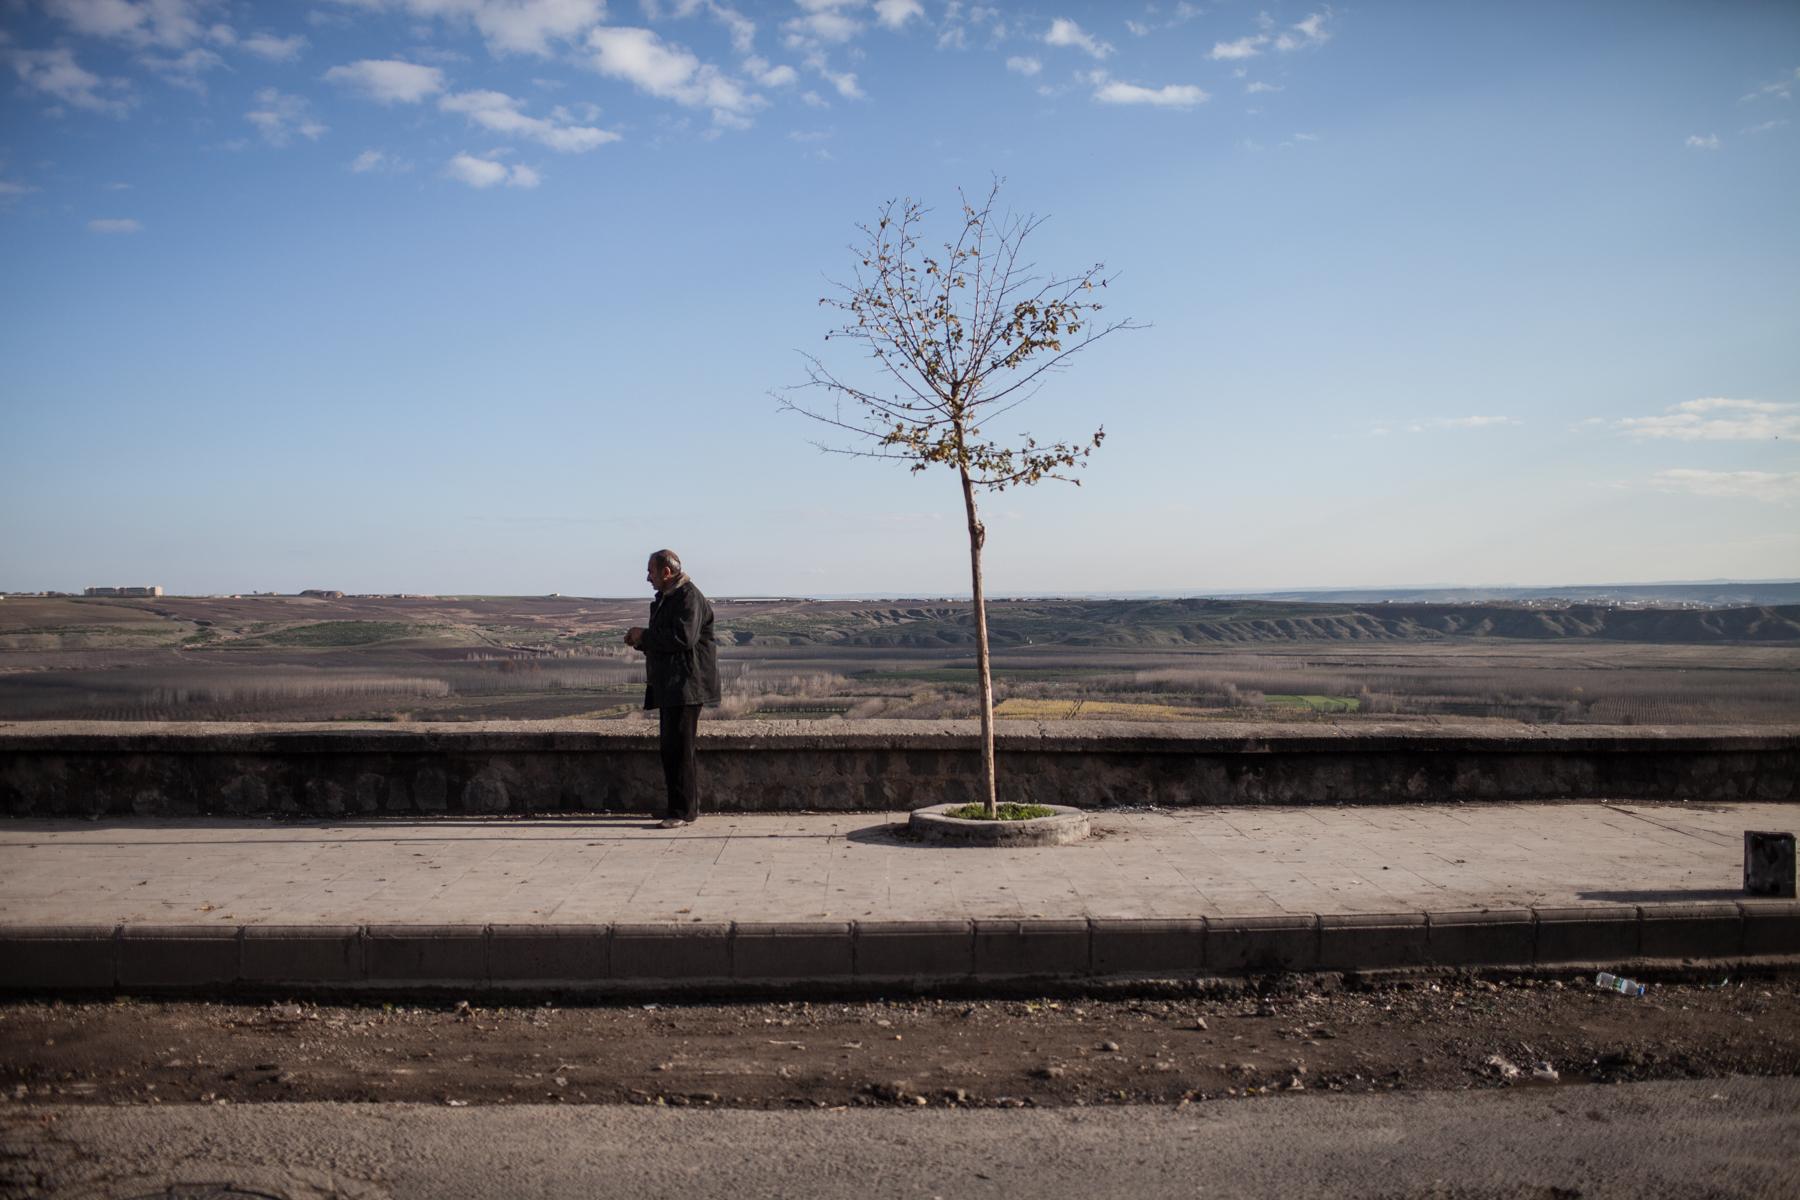 Diyarbakir/Turkey